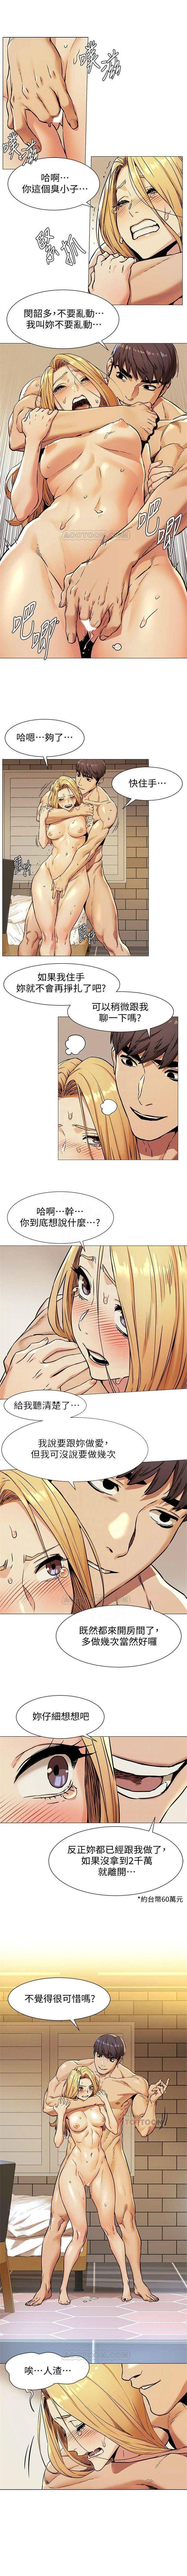 (週5)衝突 1-91 中文翻譯 (更新中) 438